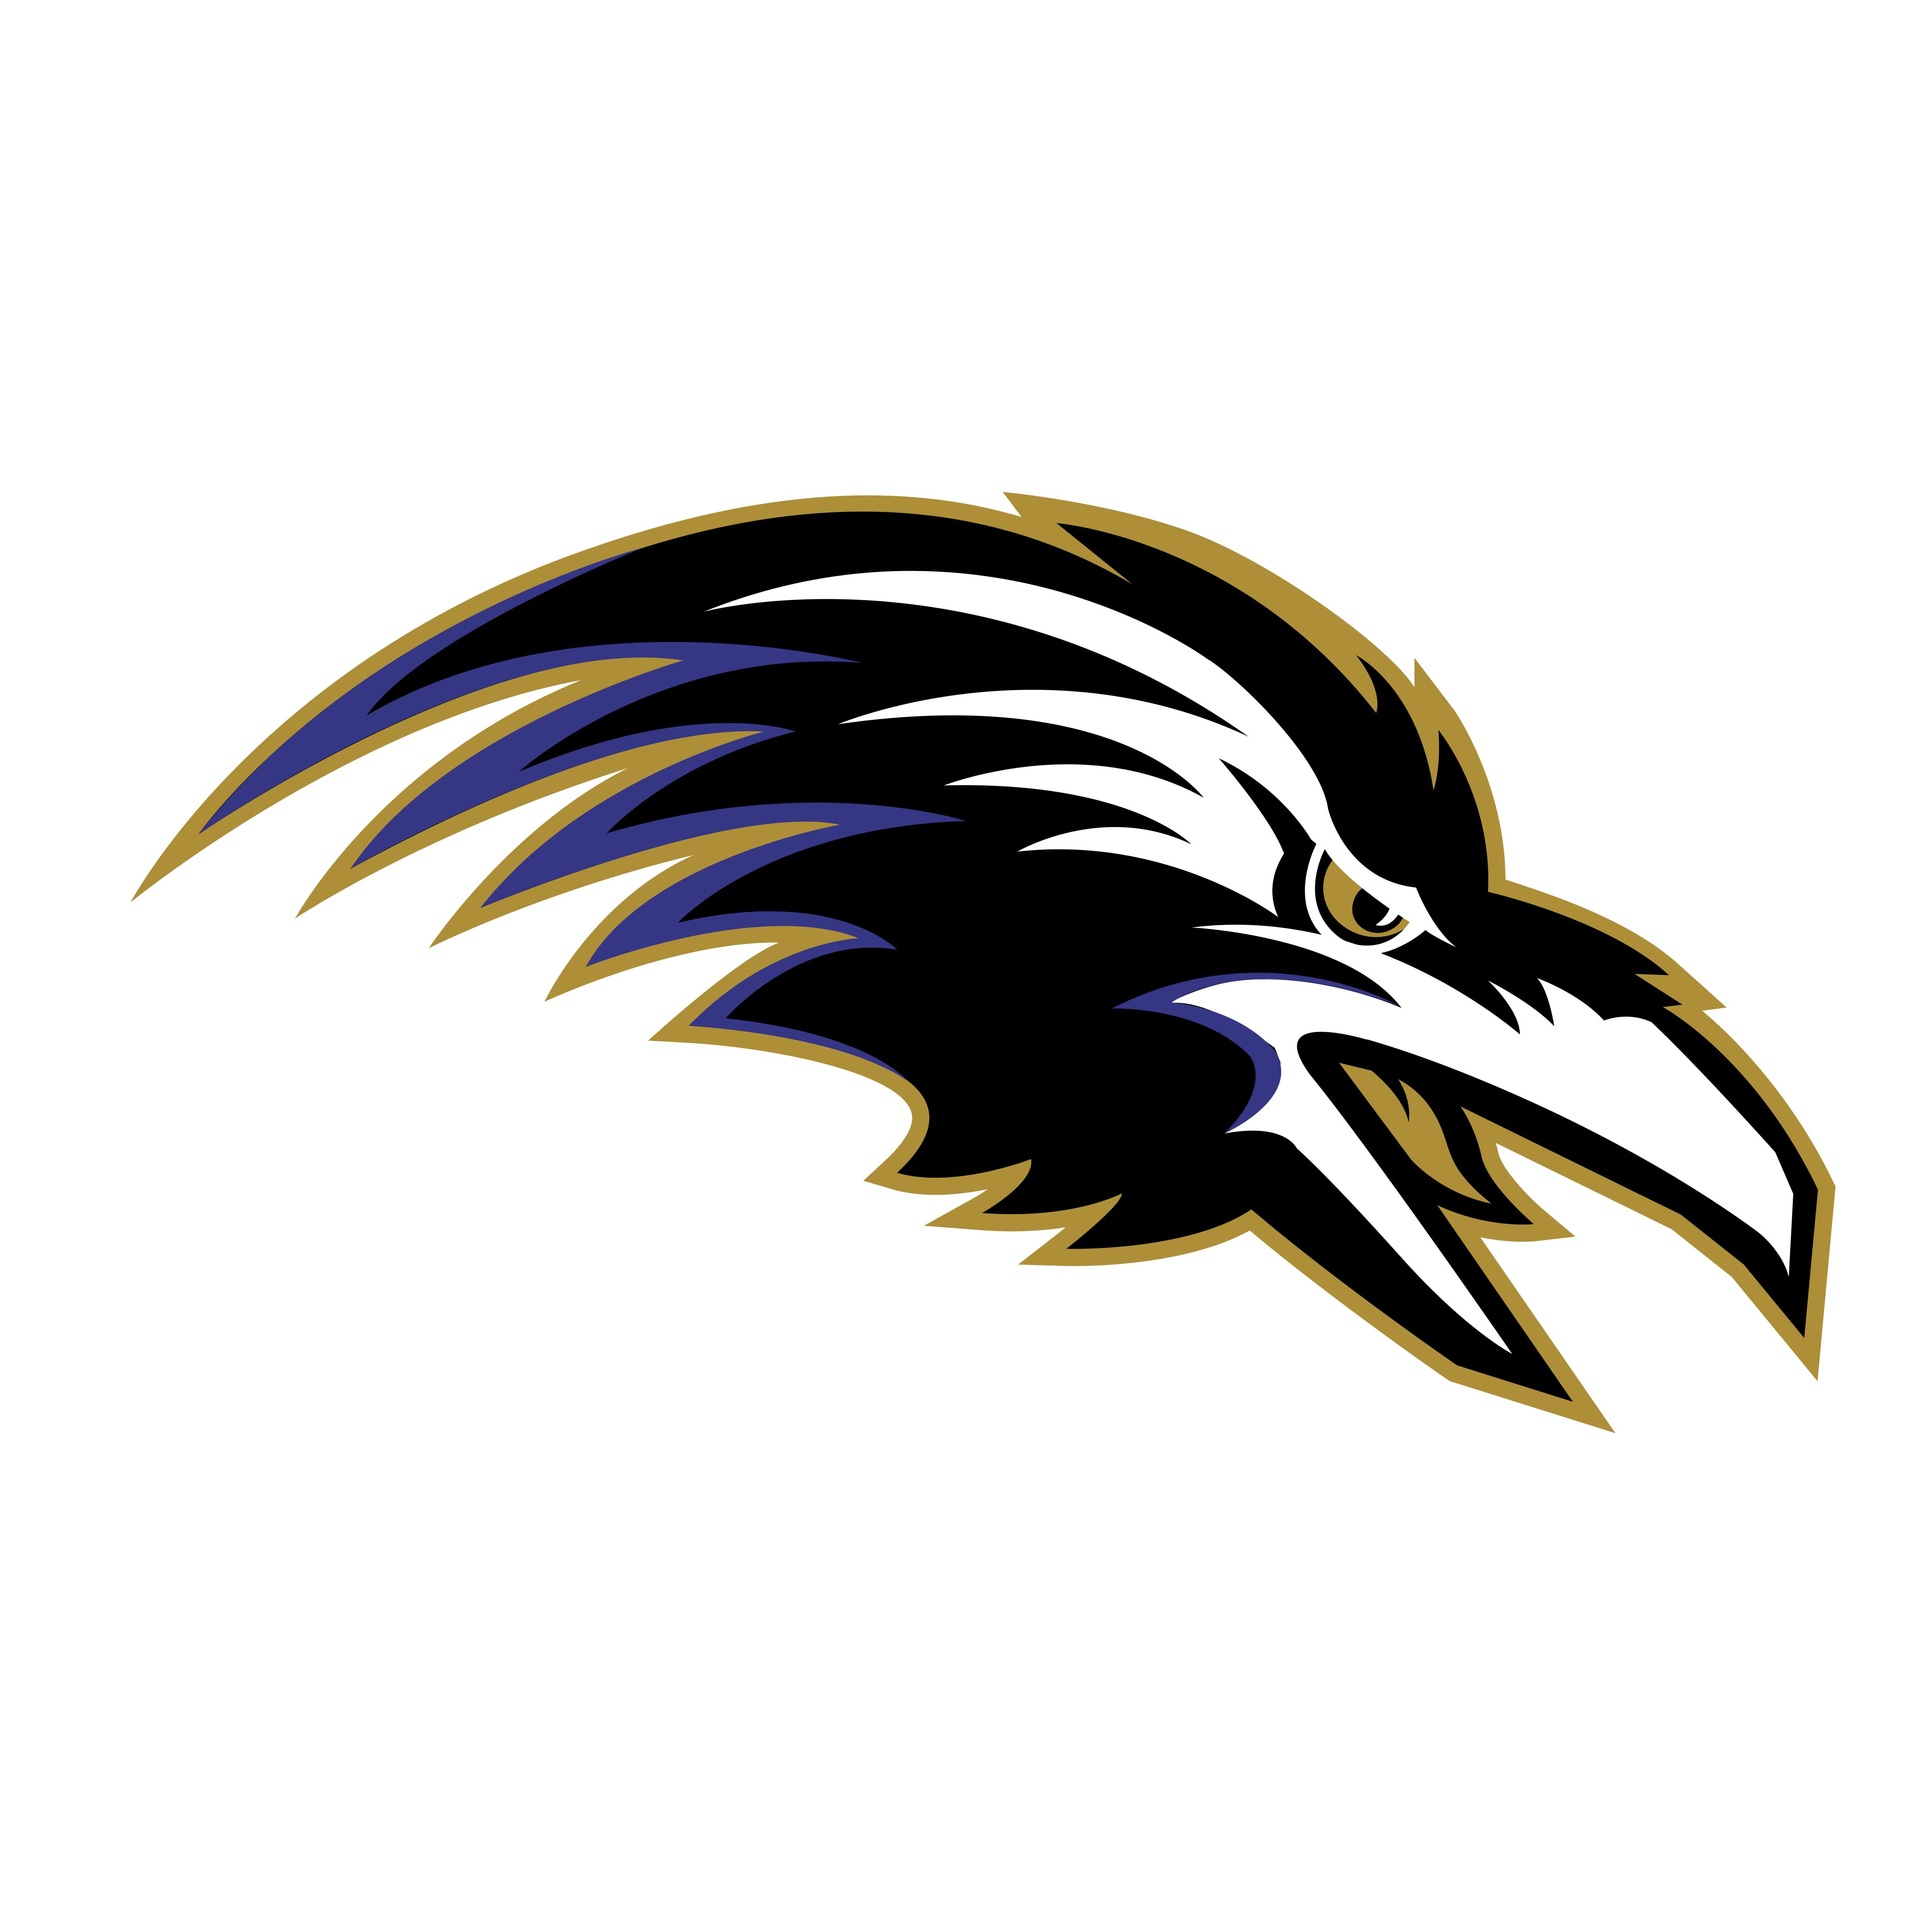 baltimore ravens � logos download